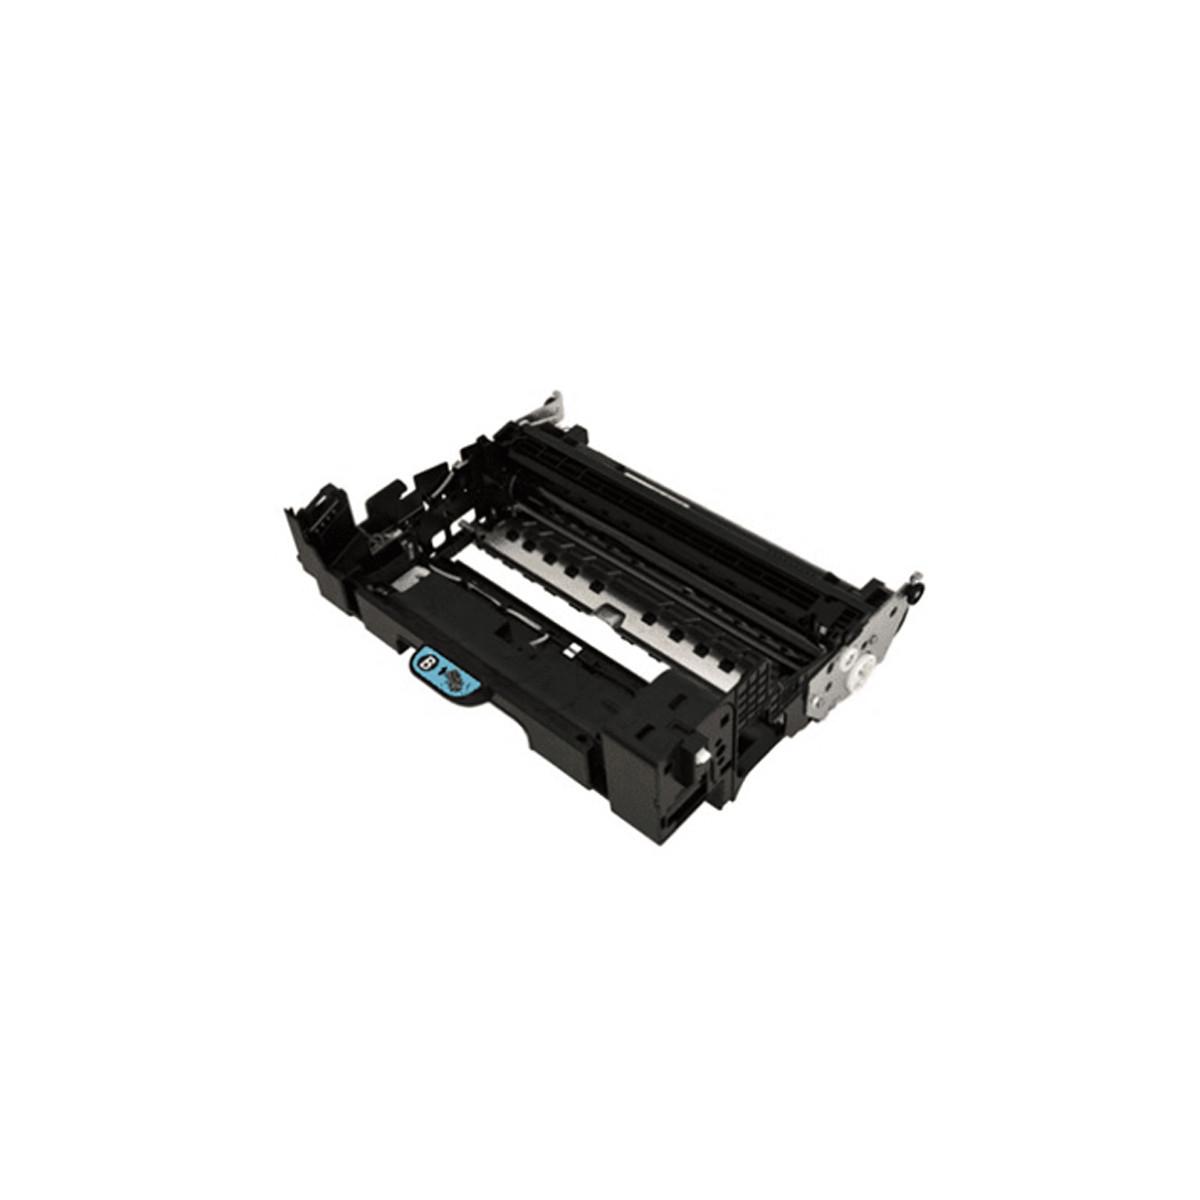 Cartucho de Cilindro Ricoh MP501SPF MP601 SP5300 SP5310 | M2813041 | Original